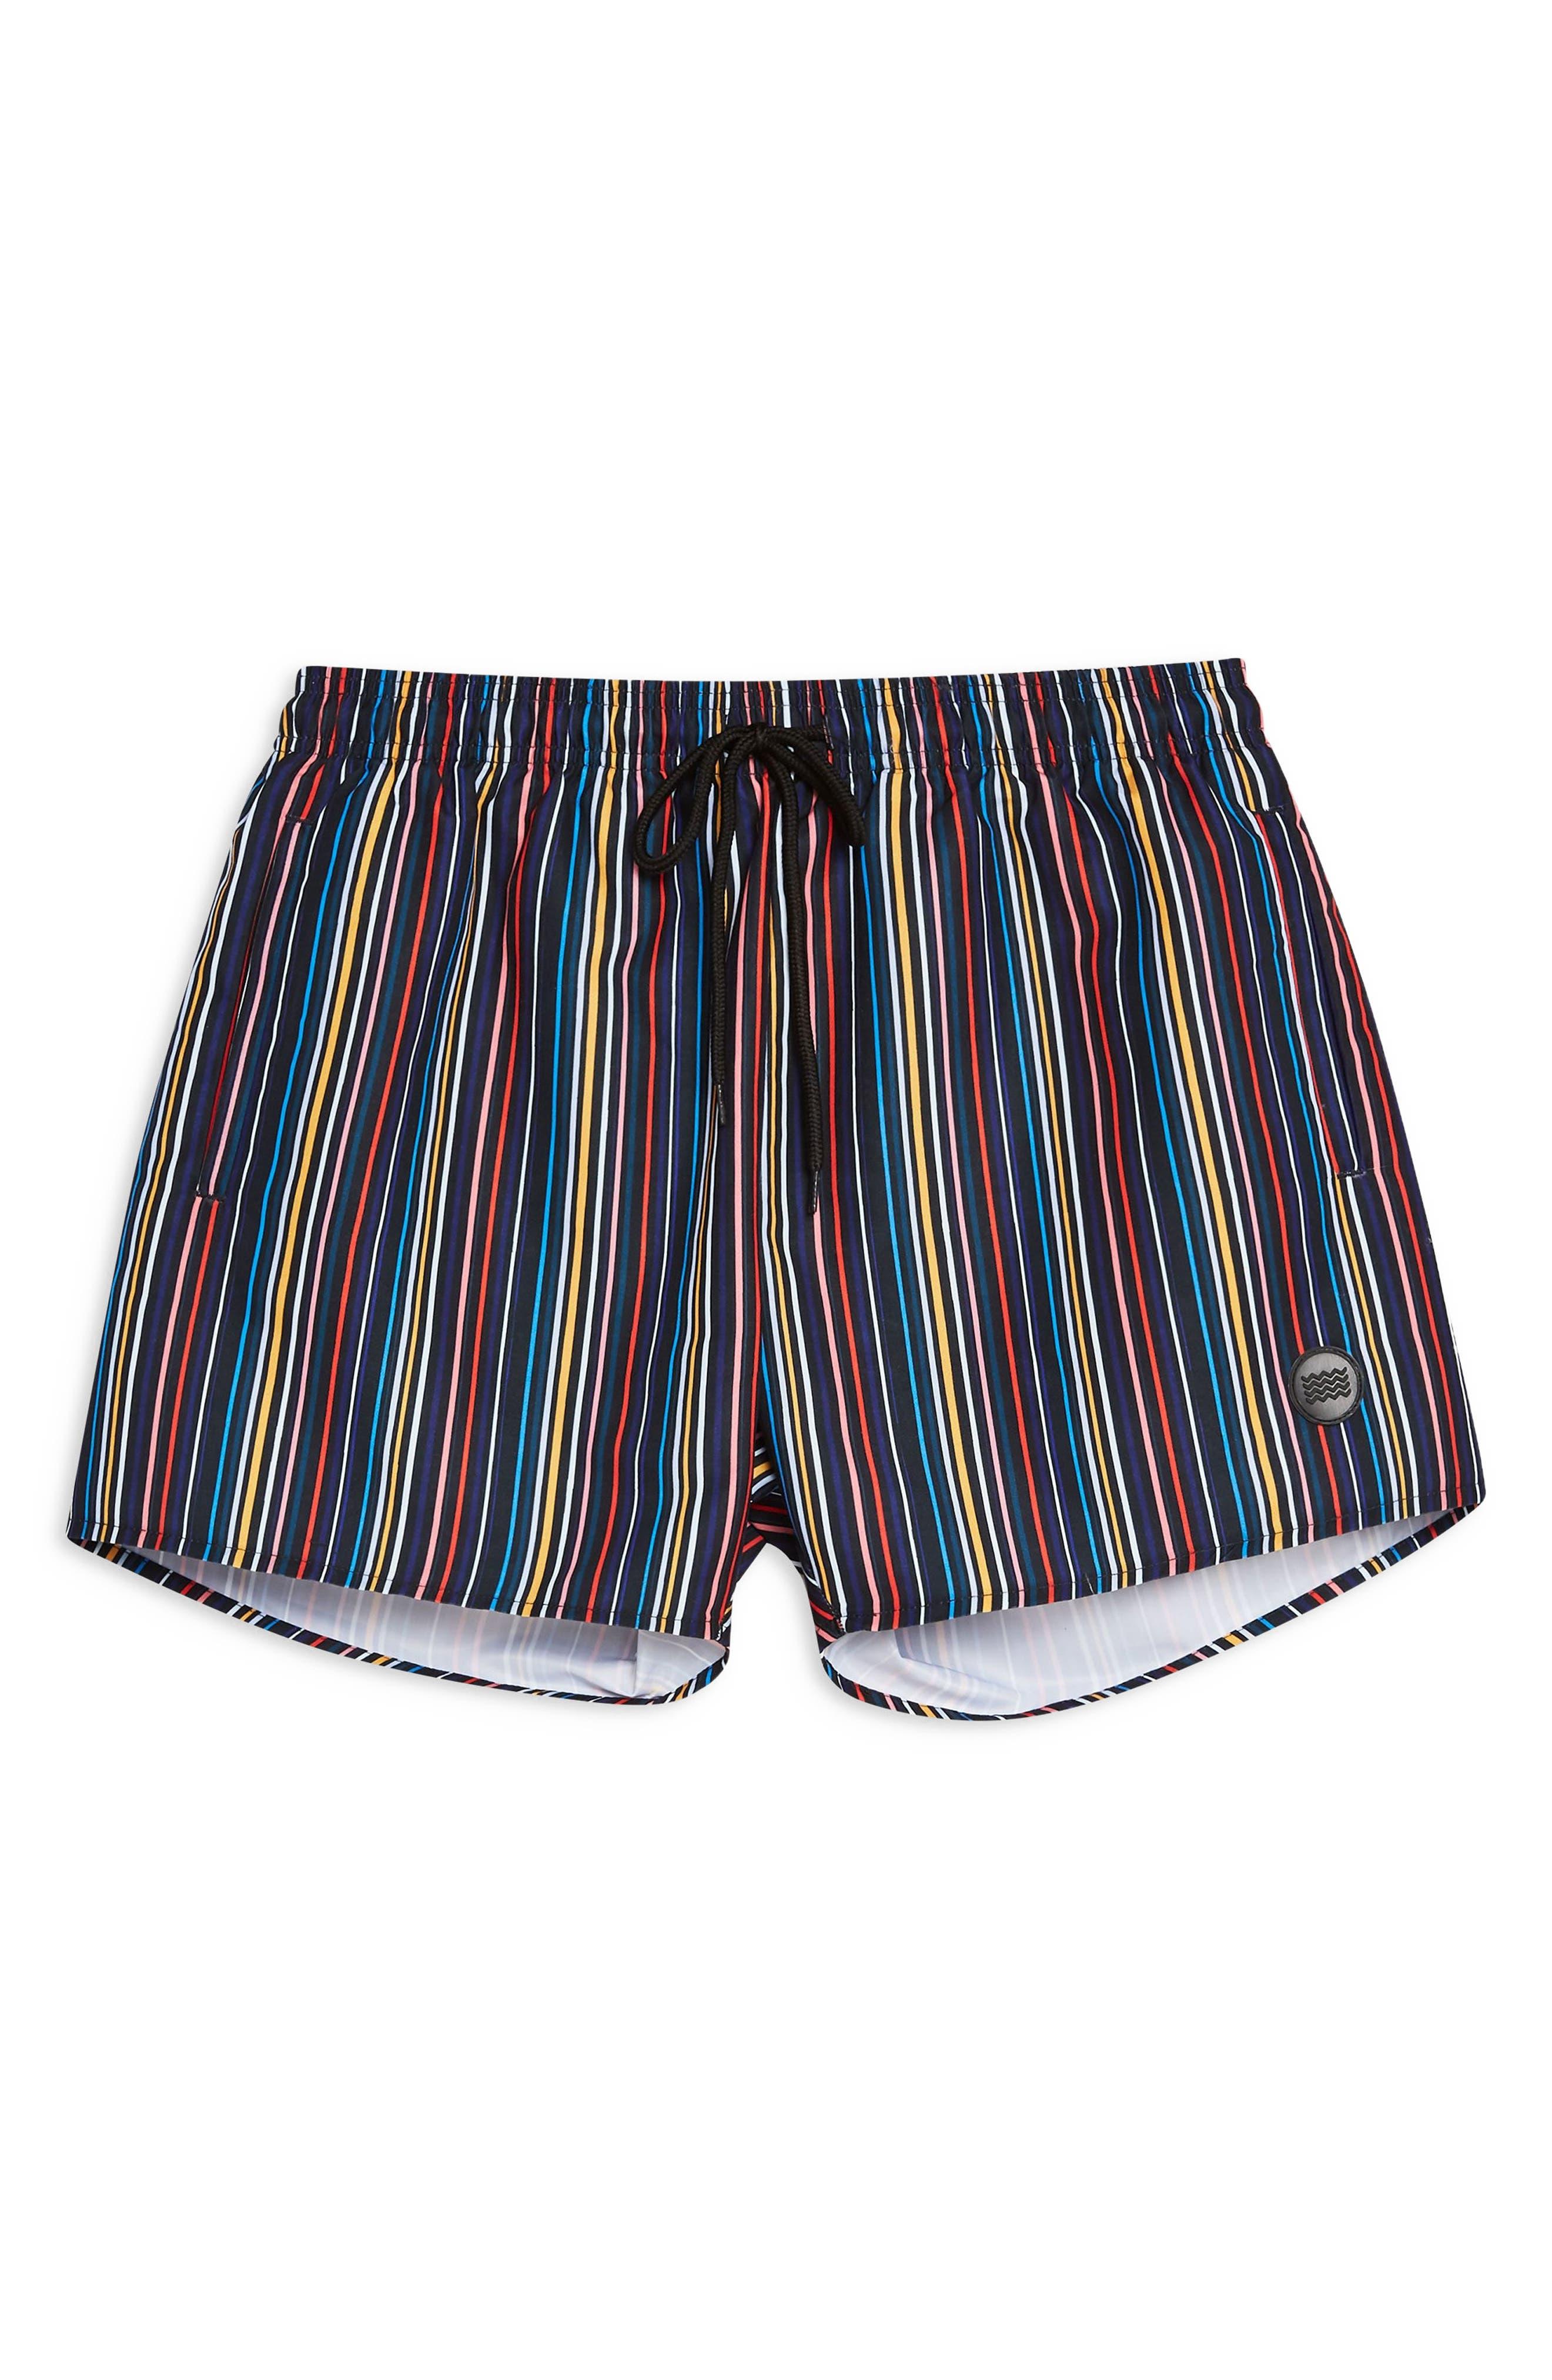 TOPMAN, Pinstripe Swim Shorts, Alternate thumbnail 4, color, BLACK MULTI